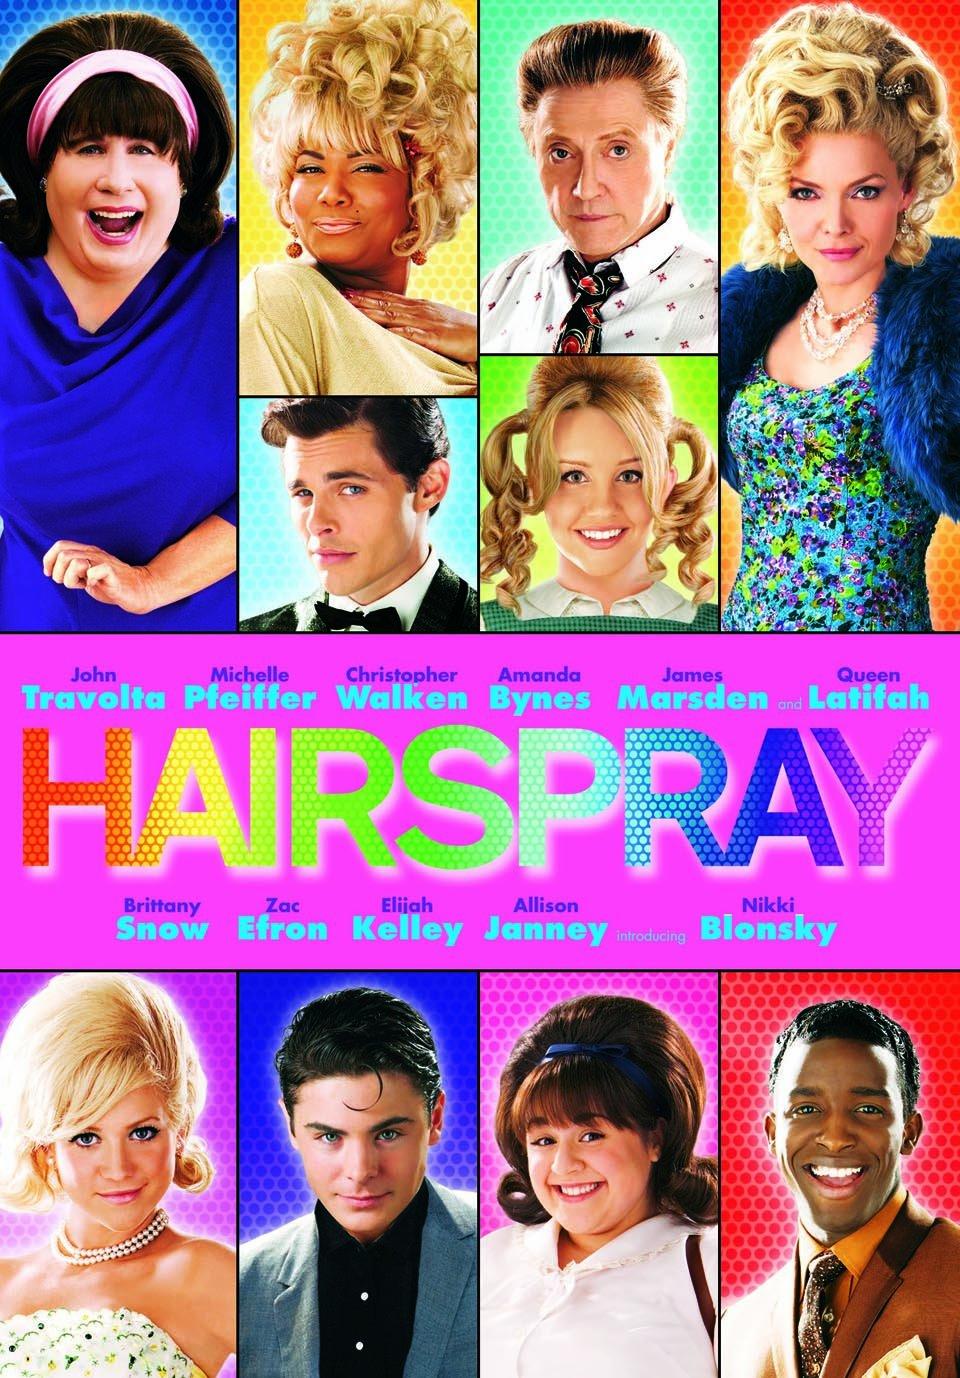 洋画で人気のおすすめミュージカル映画ランキング7位「ヘアスプレー」